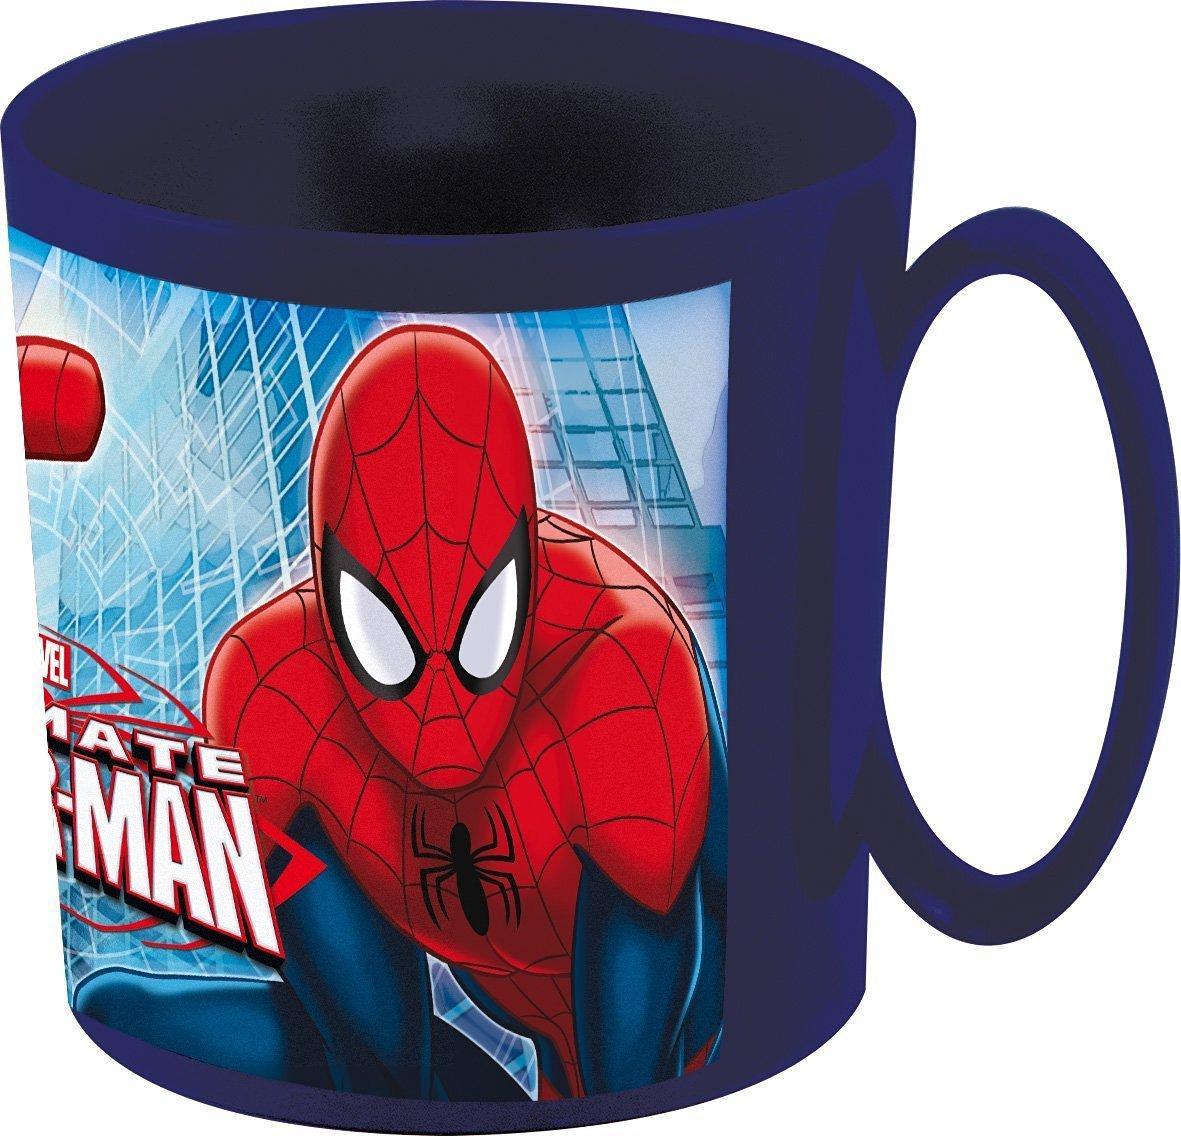 Spiderman���Tazza Micro onde Spiderman